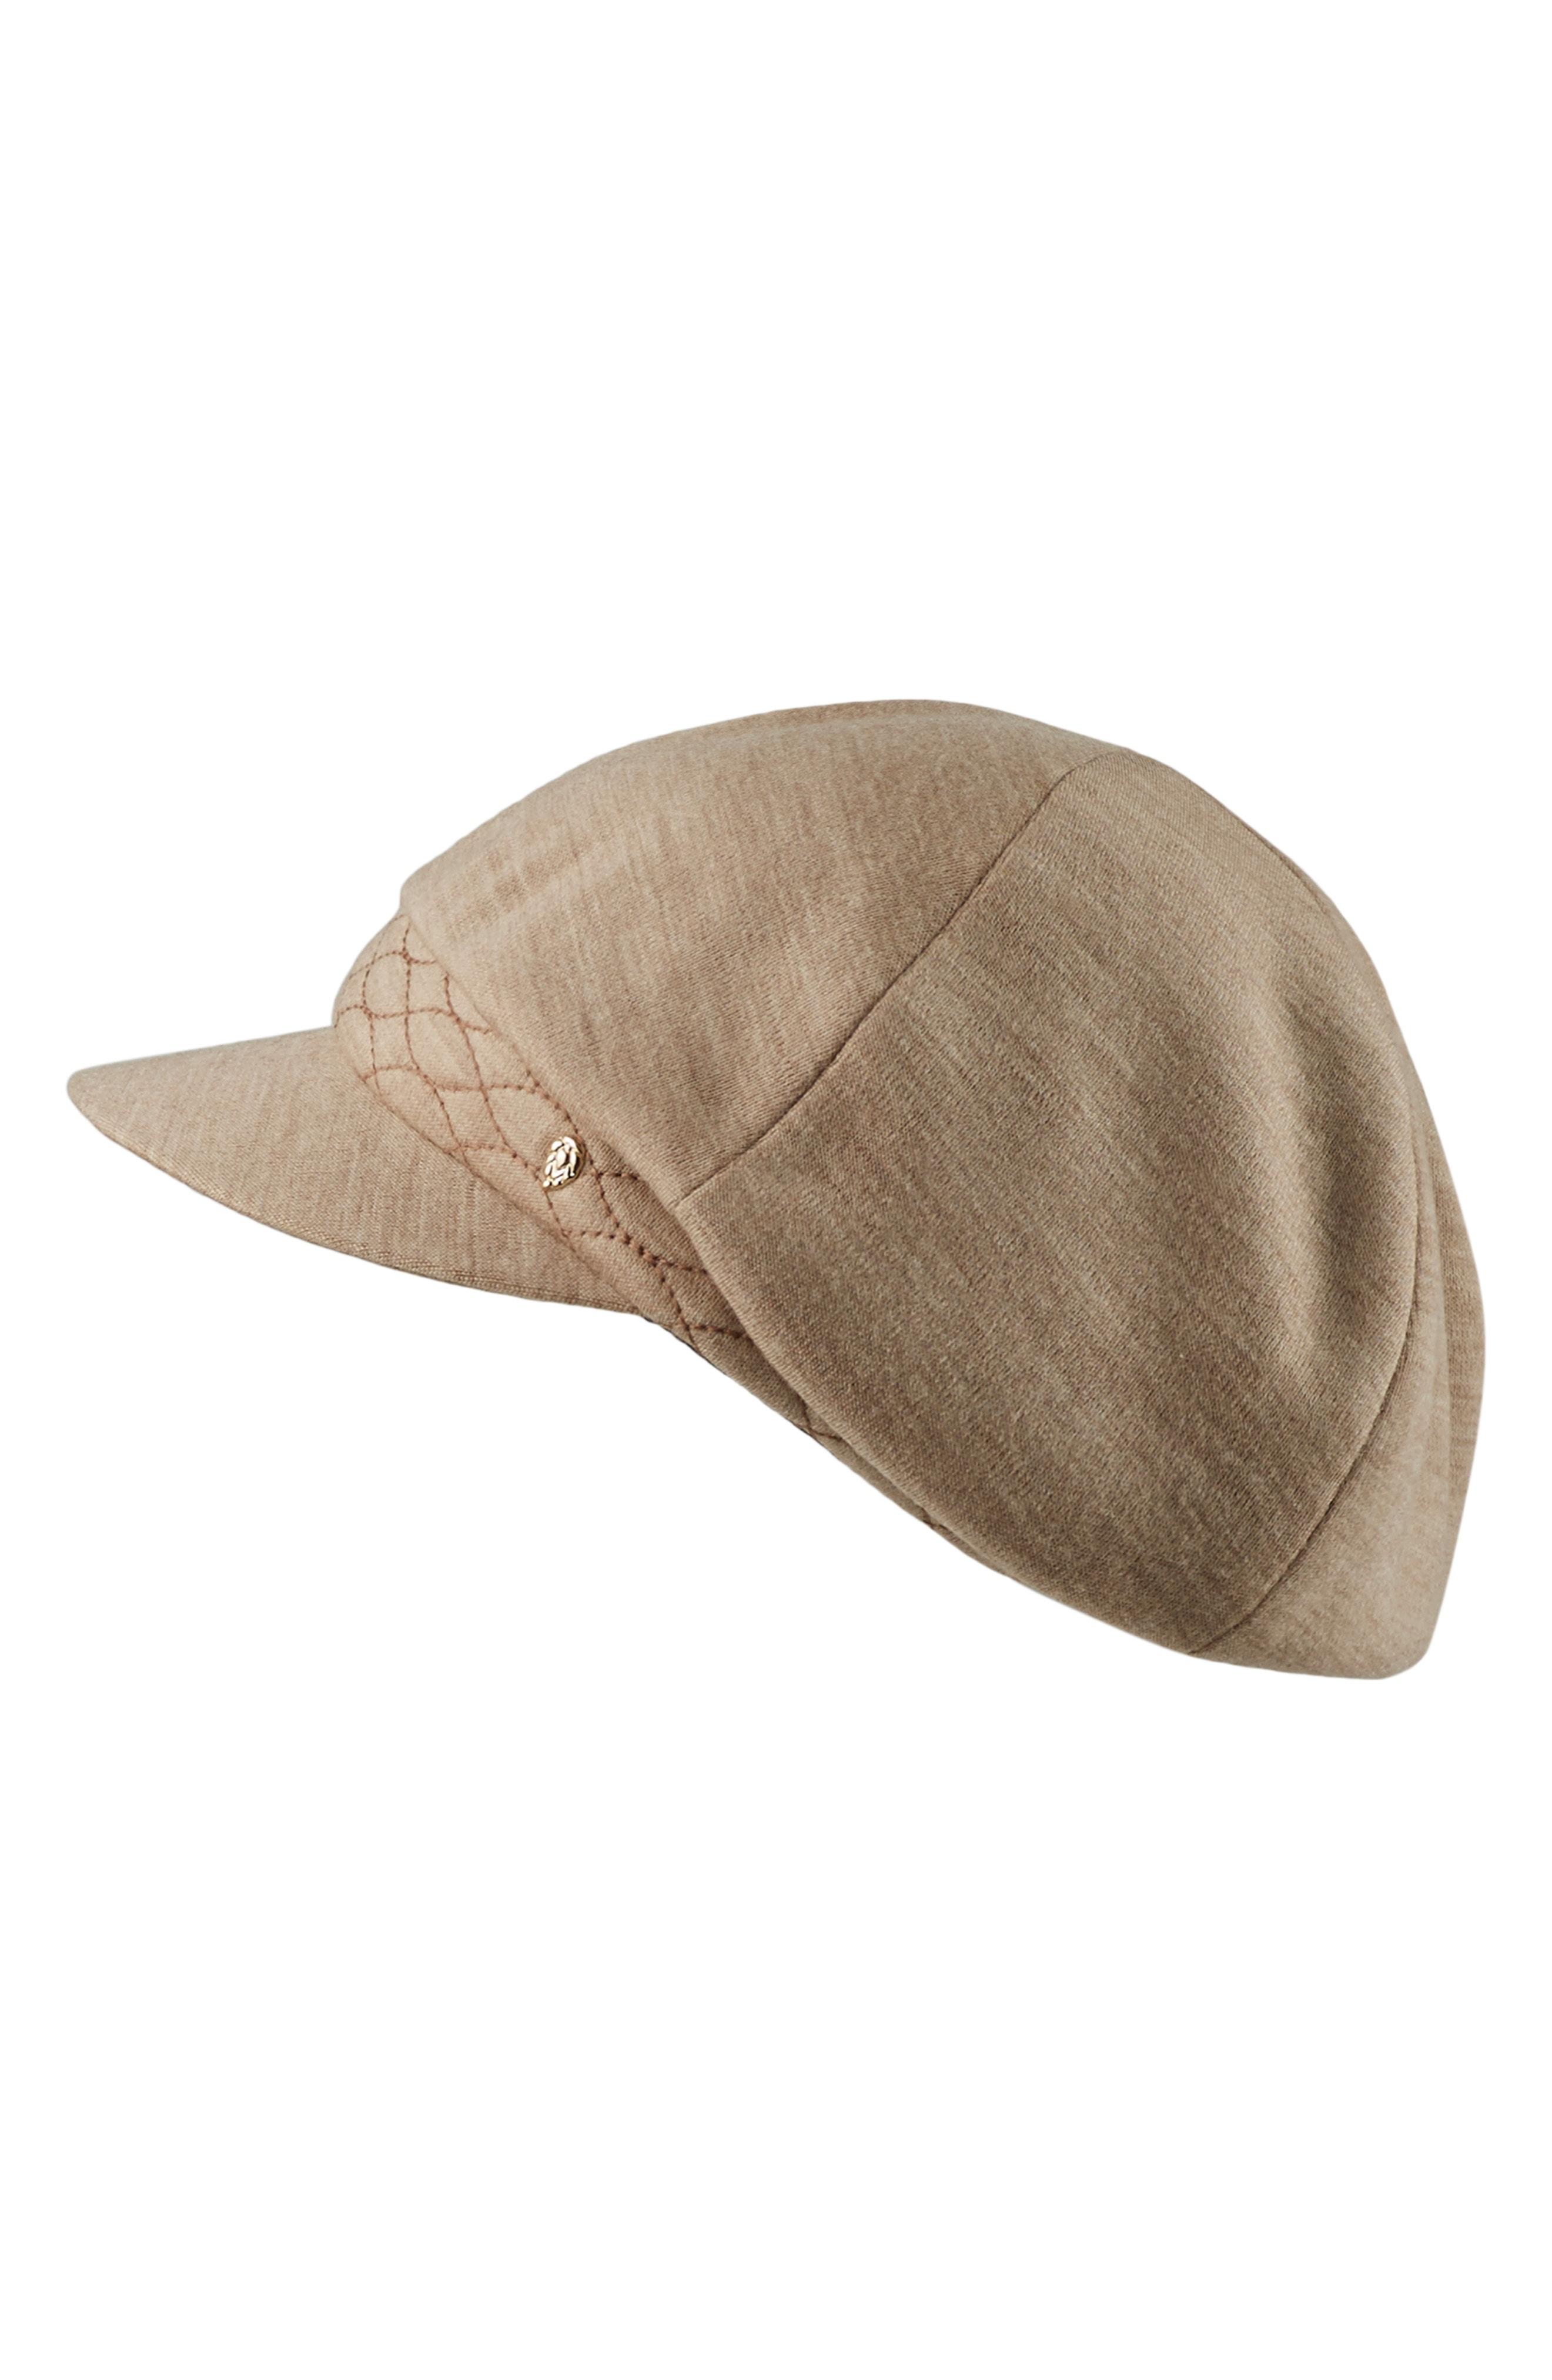 Helen Kaminski Wool Jersey Baker Boy Cap